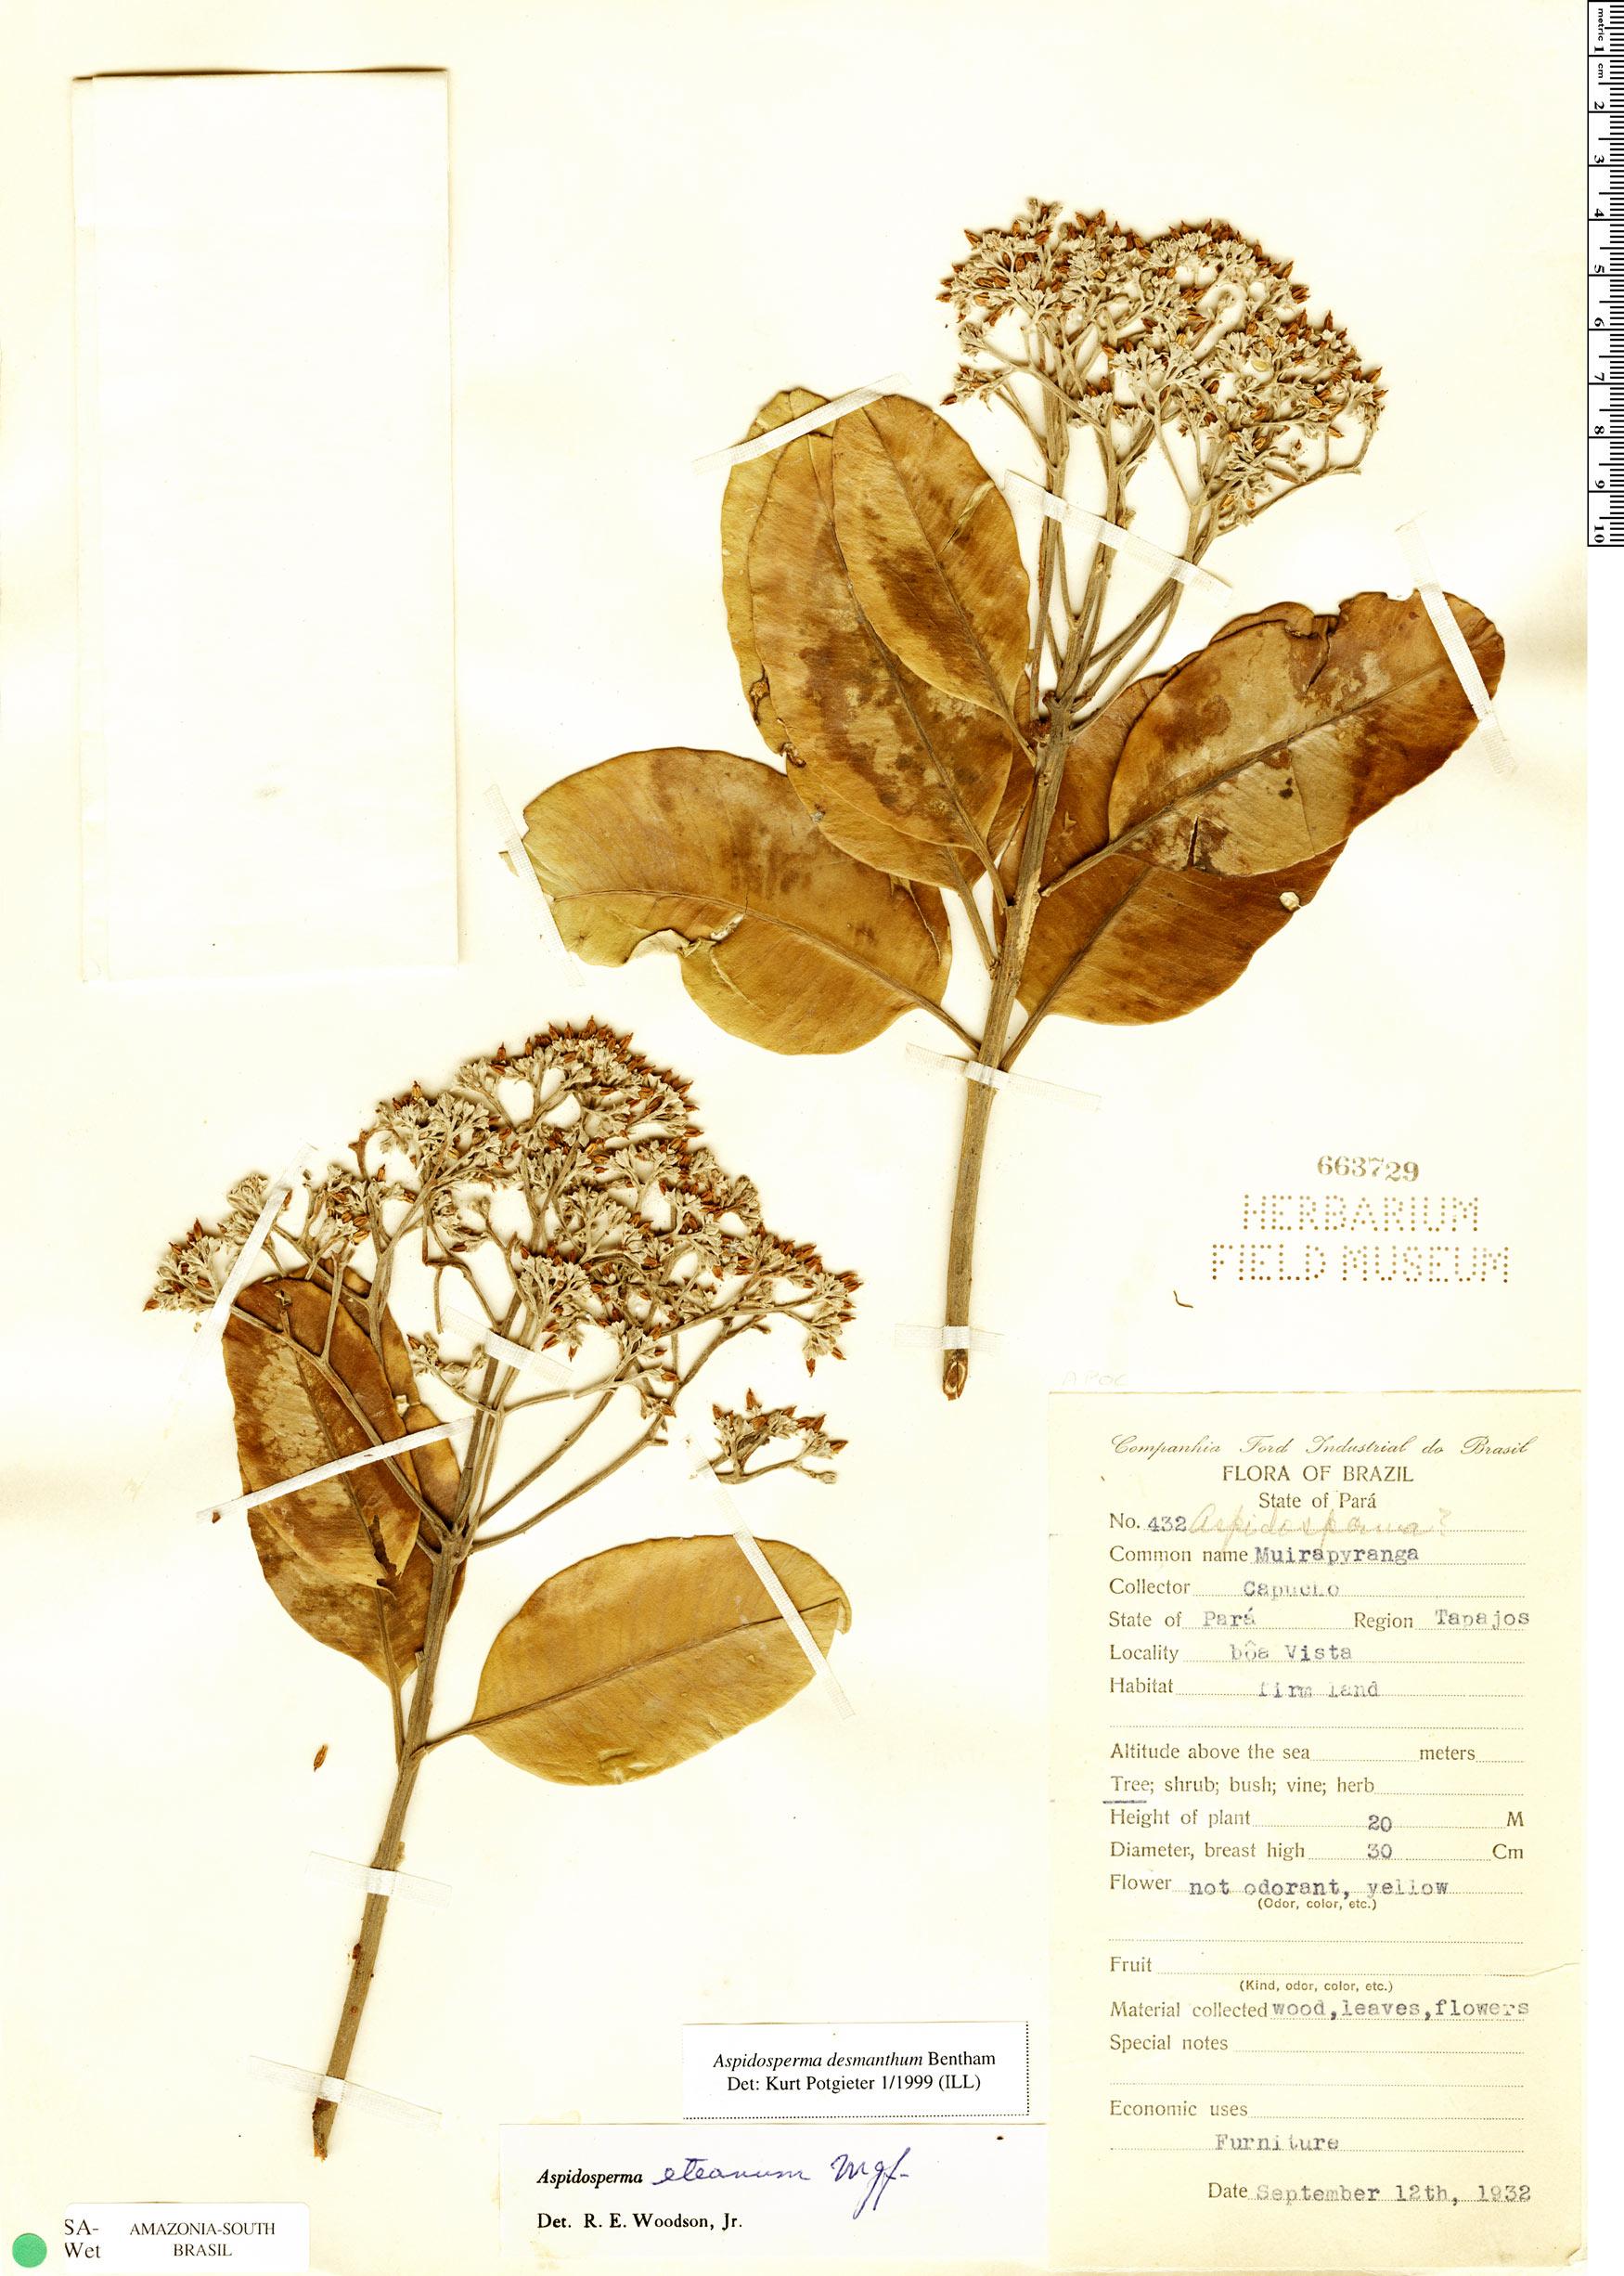 Specimen: Aspidosperma desmanthum